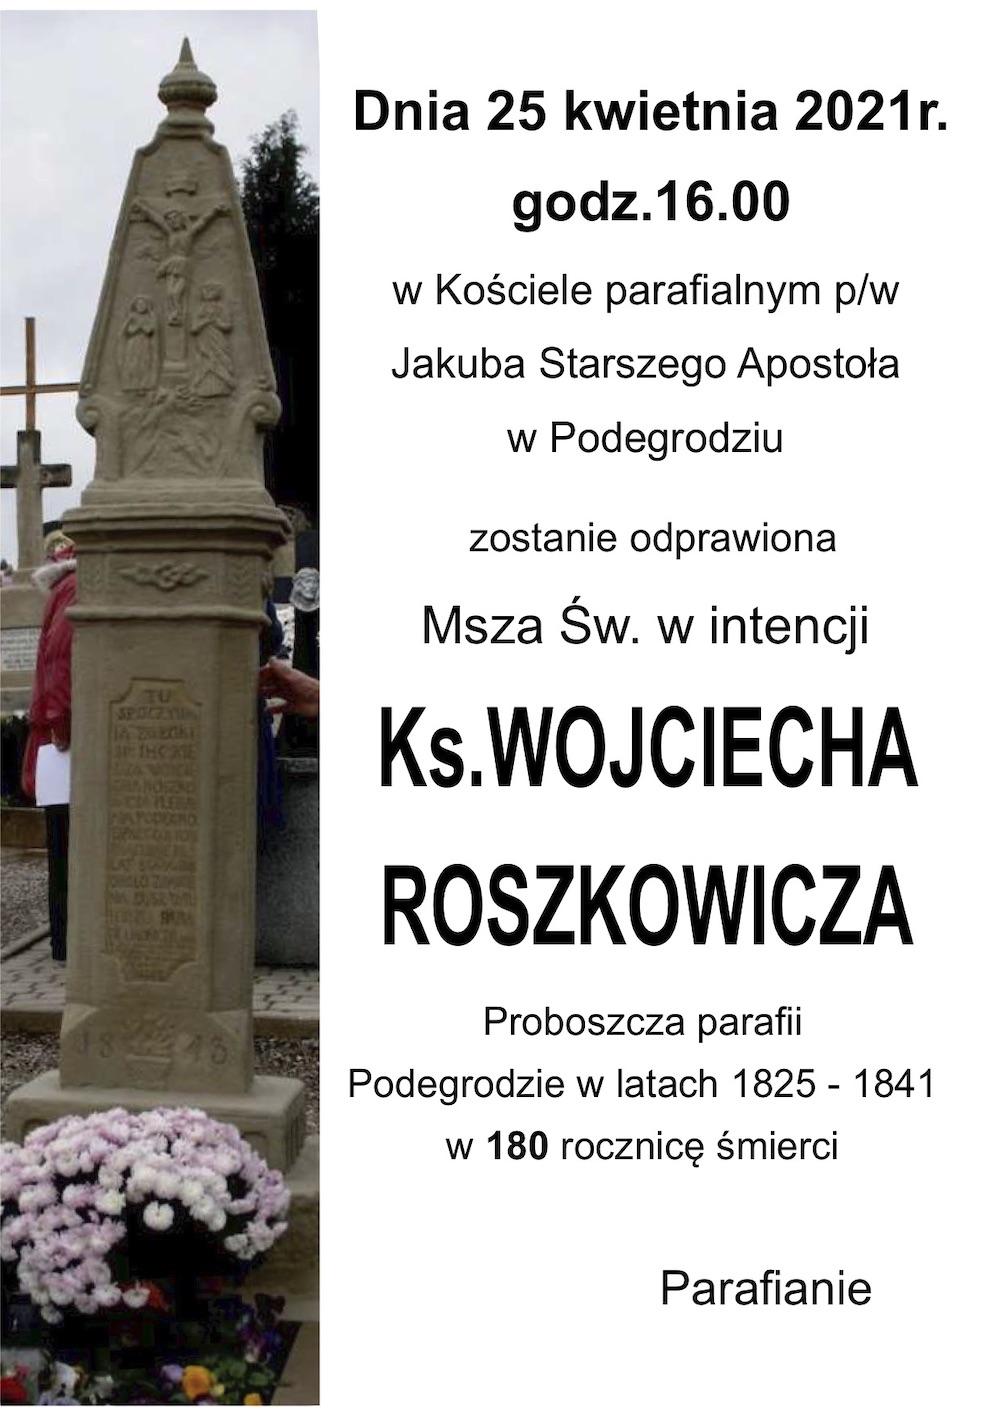 Ks. Roszkowicz, proboszcz parafii Podegrodzie